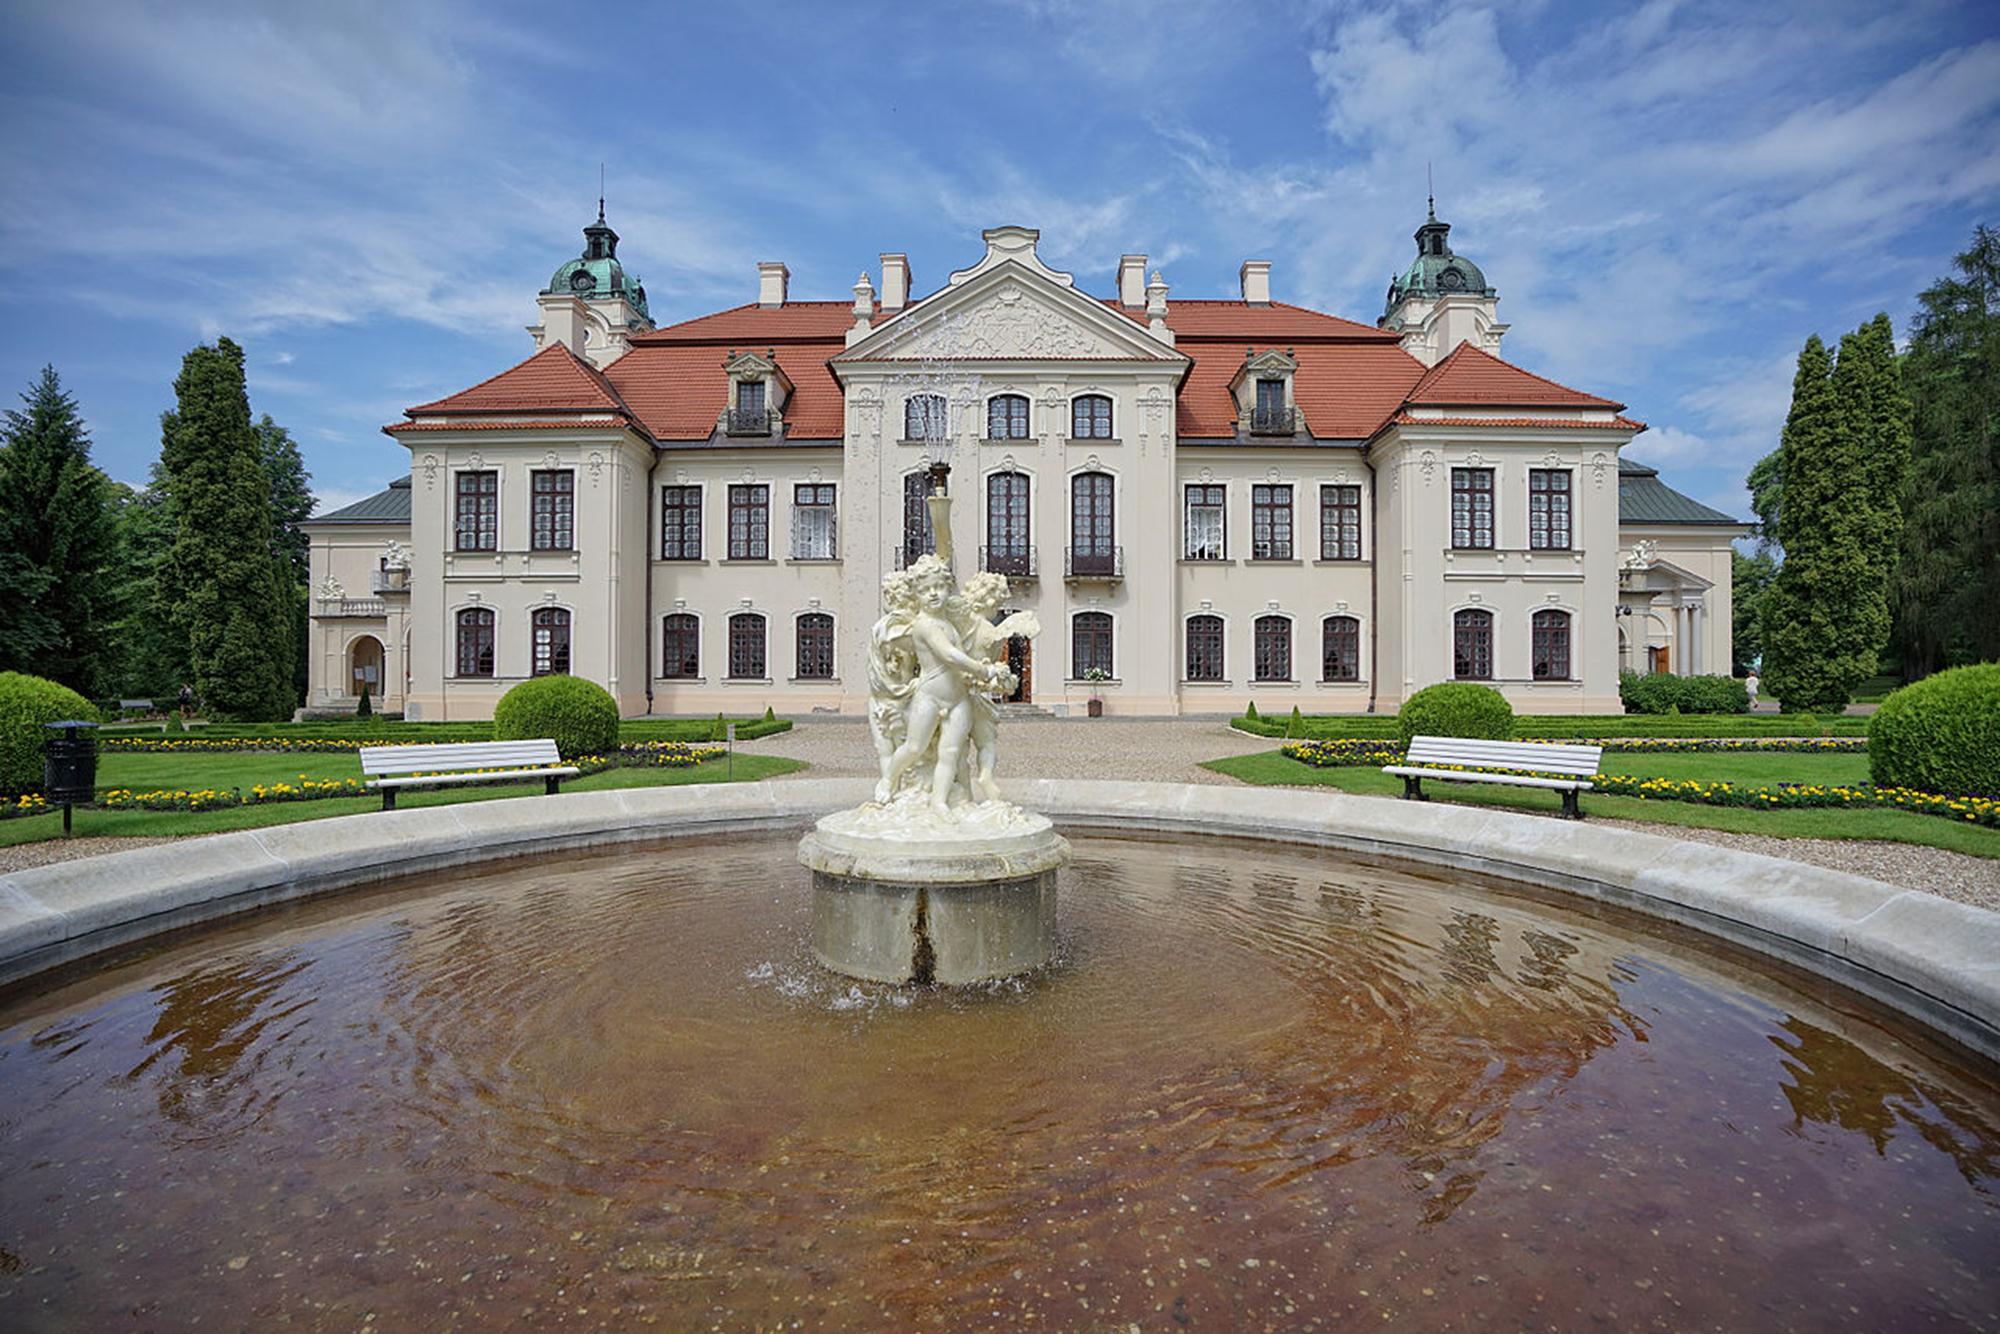 Pałac_Zamoyskich_w_Kozłówce_3 (Copy)